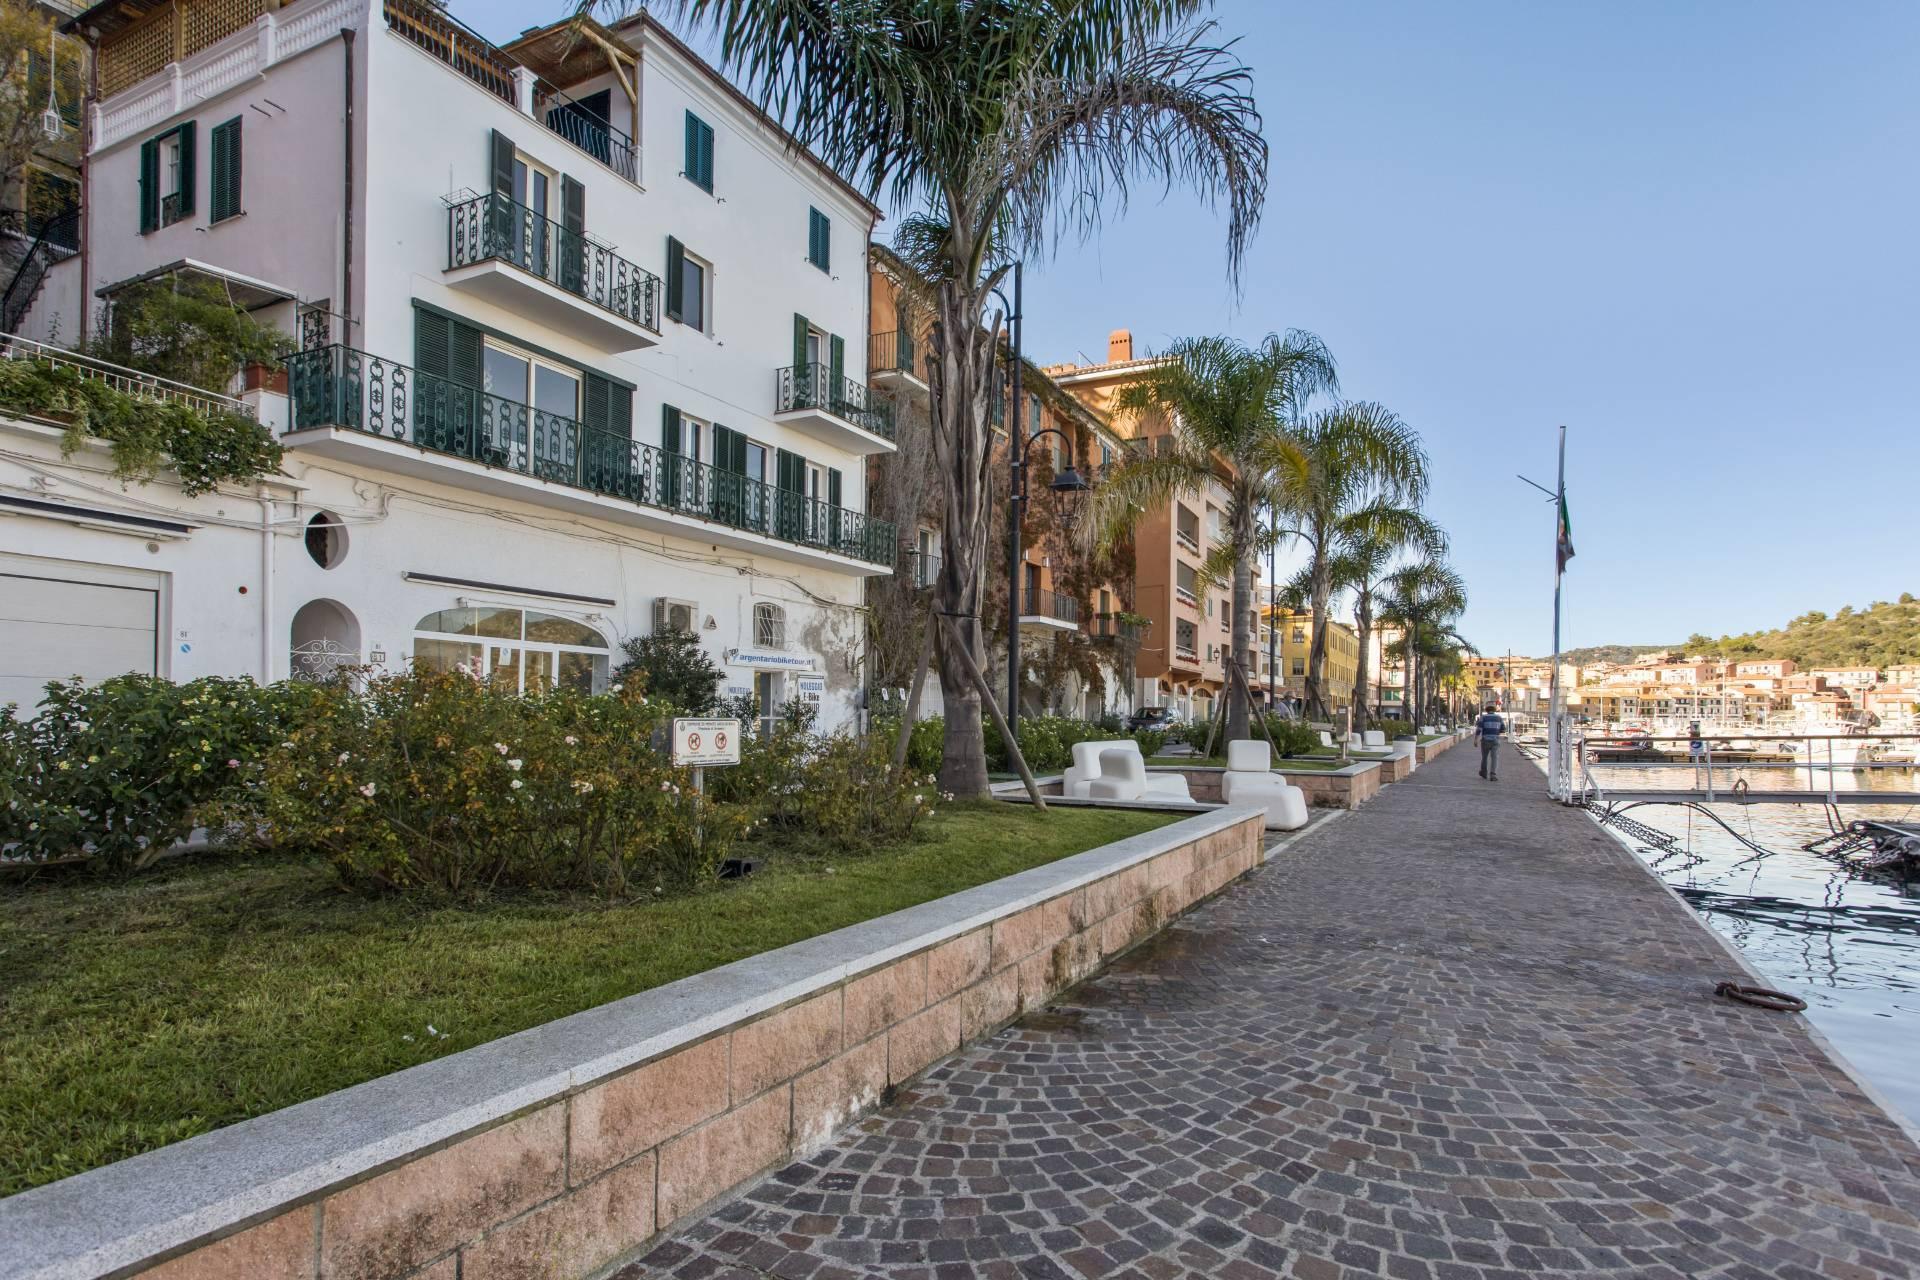 Casa indipendente in Vendita a Monte Argentario: 5 locali, 300 mq - Foto 11